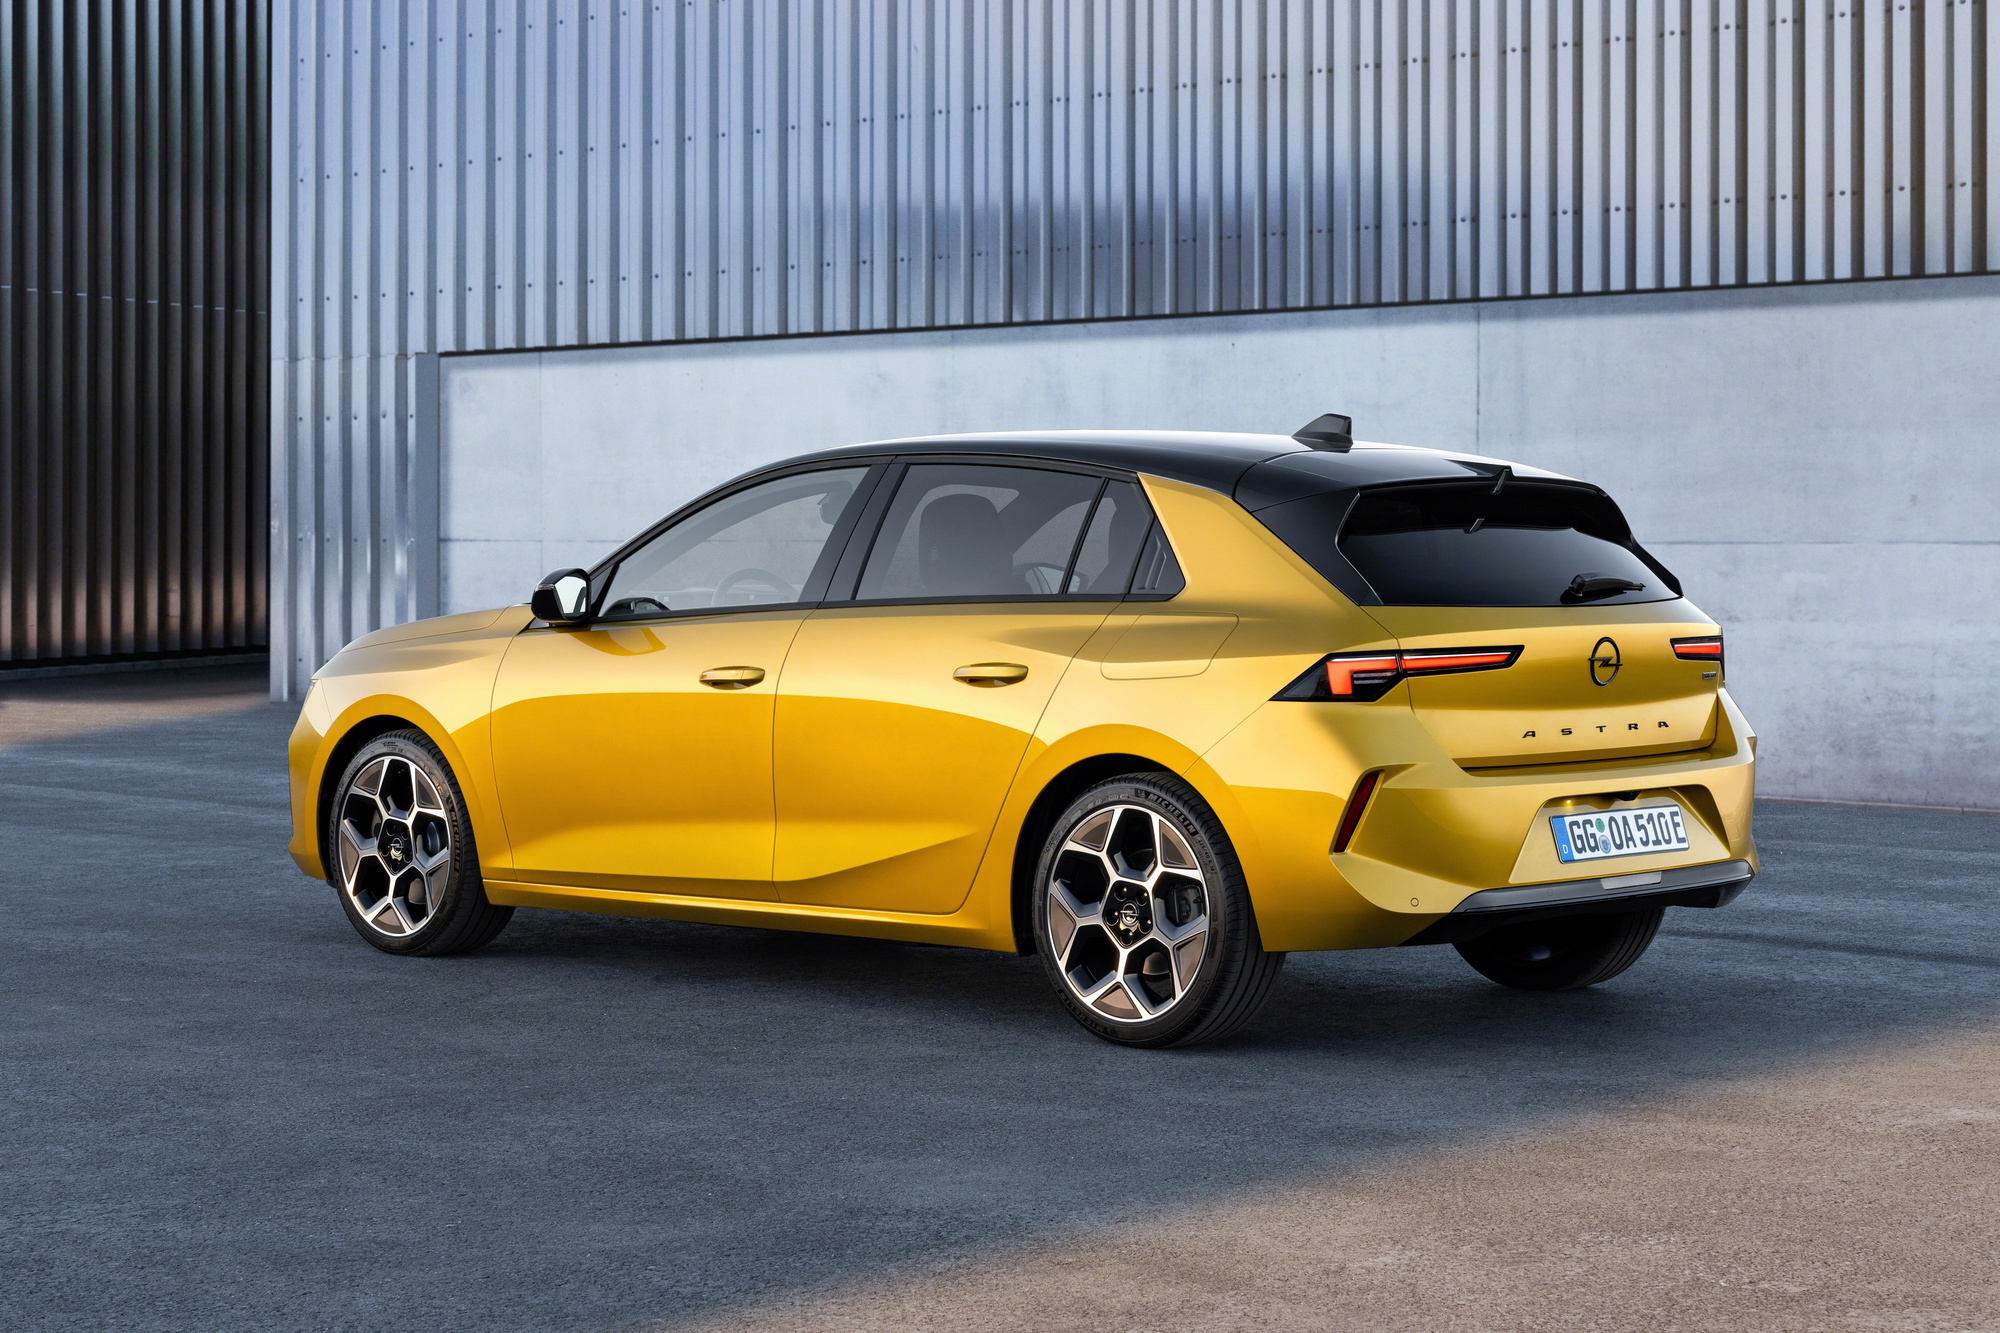 Le nouveau dessin de l'Astra sort la sixième génération de la trop grande pudeur stylistique de la précédente (et actuelle)., GF